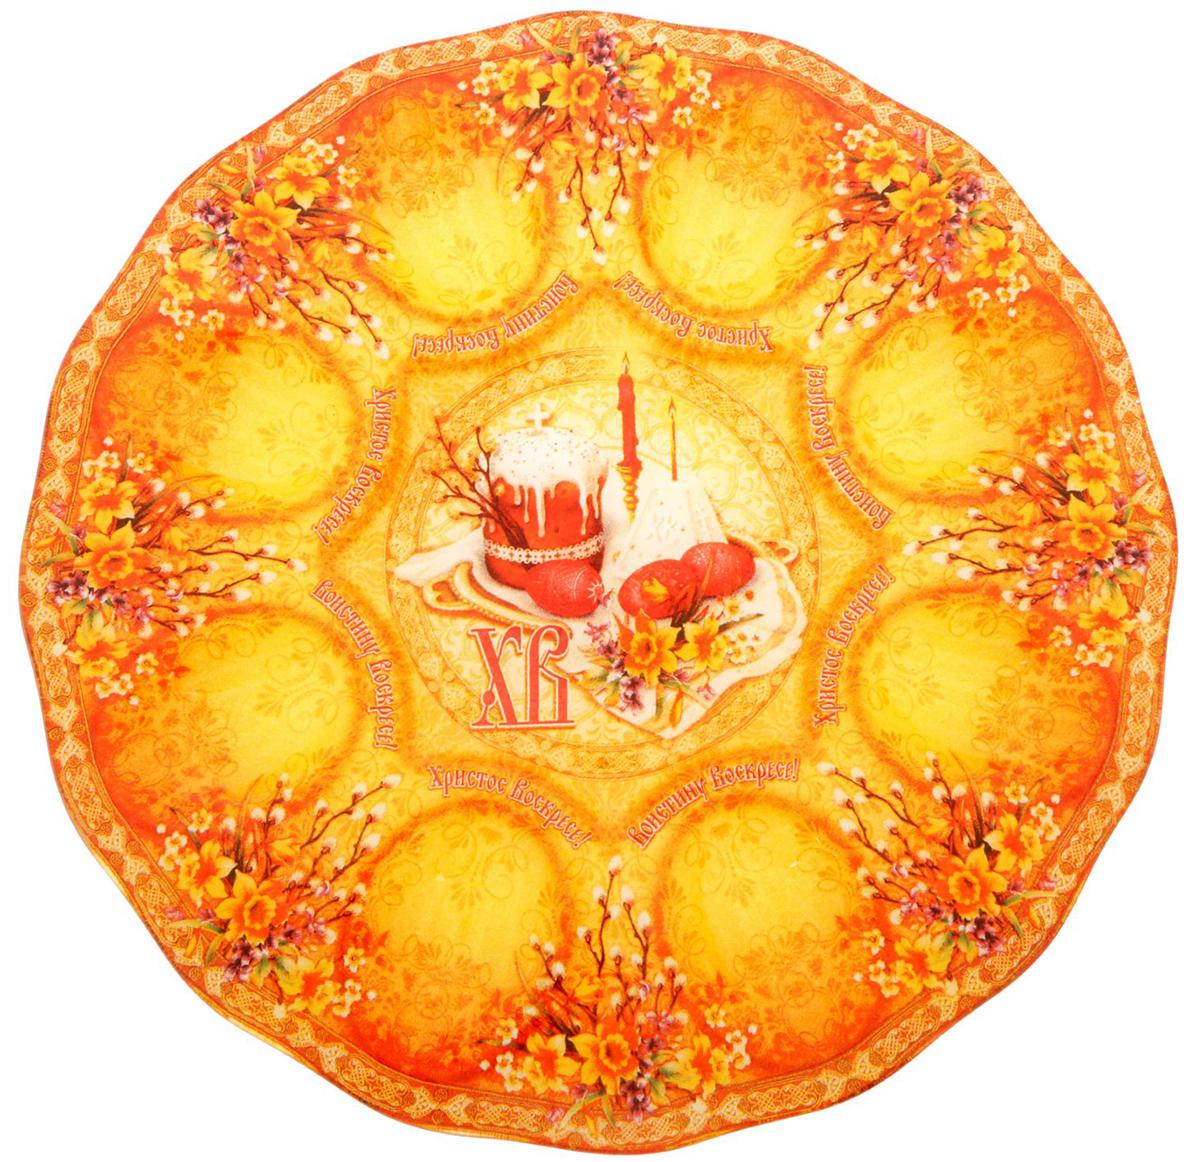 Подставка для яйца Пасхальная композиция, цвет: оранжевый, на 8 яиц, диаметр 25 см. 17662111766211От качества посуды зависит не только вкус еды, но и здоровье человека. Подставка на 8 яиц Гжель, диам. 25 см — товар, соответствующий российским стандартам качества. Любой хозяйке будет приятно держать его в руках. С данной посудой и кухонной утварью приготовление еды и сервировка стола превратятся в настоящий праздник.